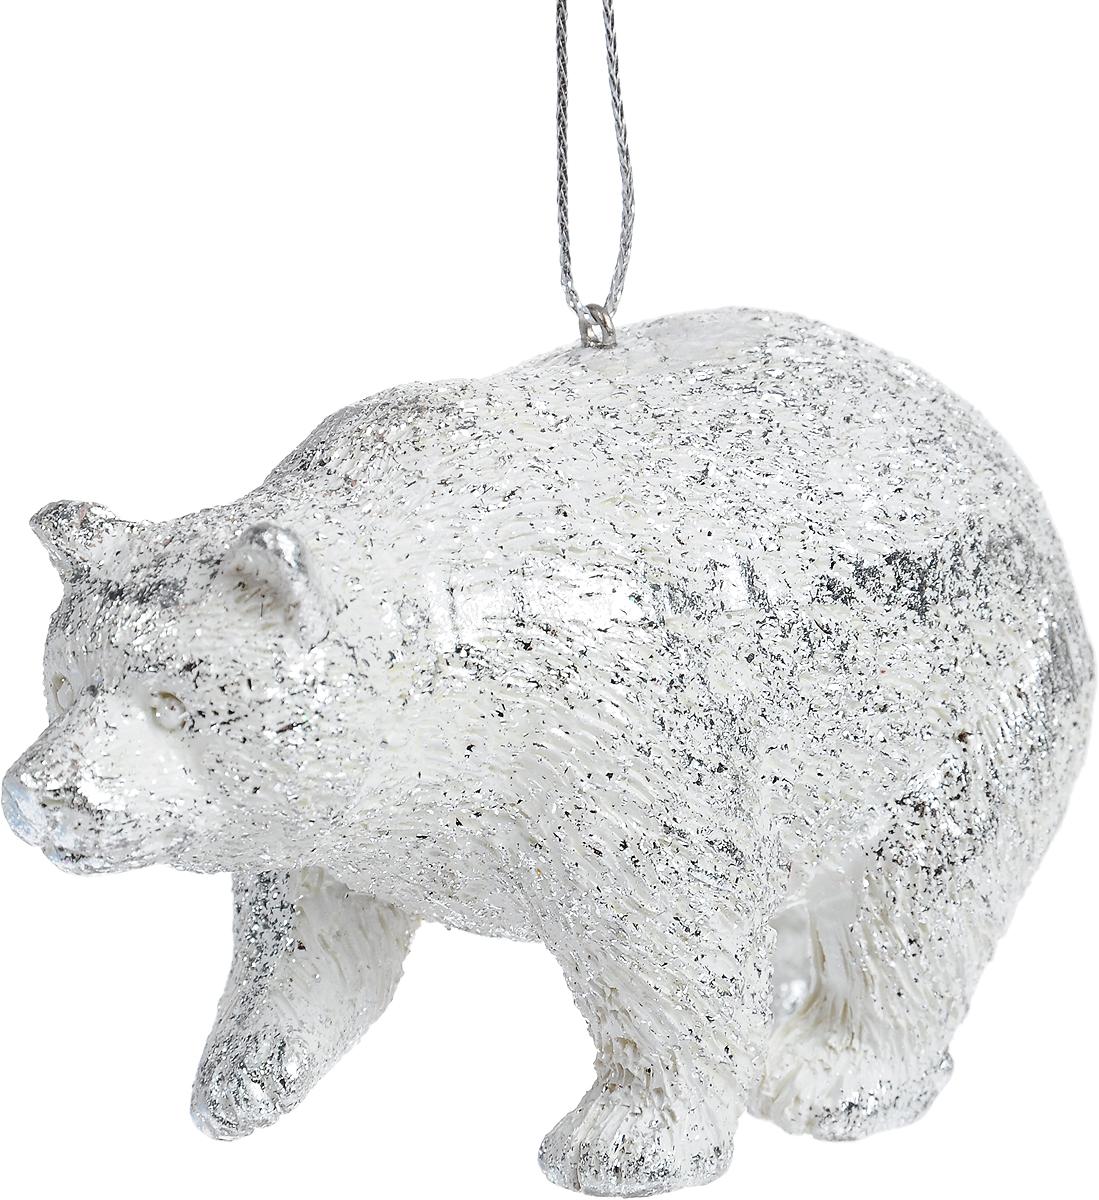 Украшение для интерьера новогоднее Erich Krause Обитатель севера. Медведь, 10 см41177_медведьУкрашение в виде медведя Erich Krause Обитатель севера. Медведь изготовлено из твердого и качественного полирезина. Приятная на ощупь, игрушка станет замечательным подарком, а также отличным решением для декора праздничного интерьера. Украшение можно подвесить при помощи петельки. 10 x 4,5 x 5 см.